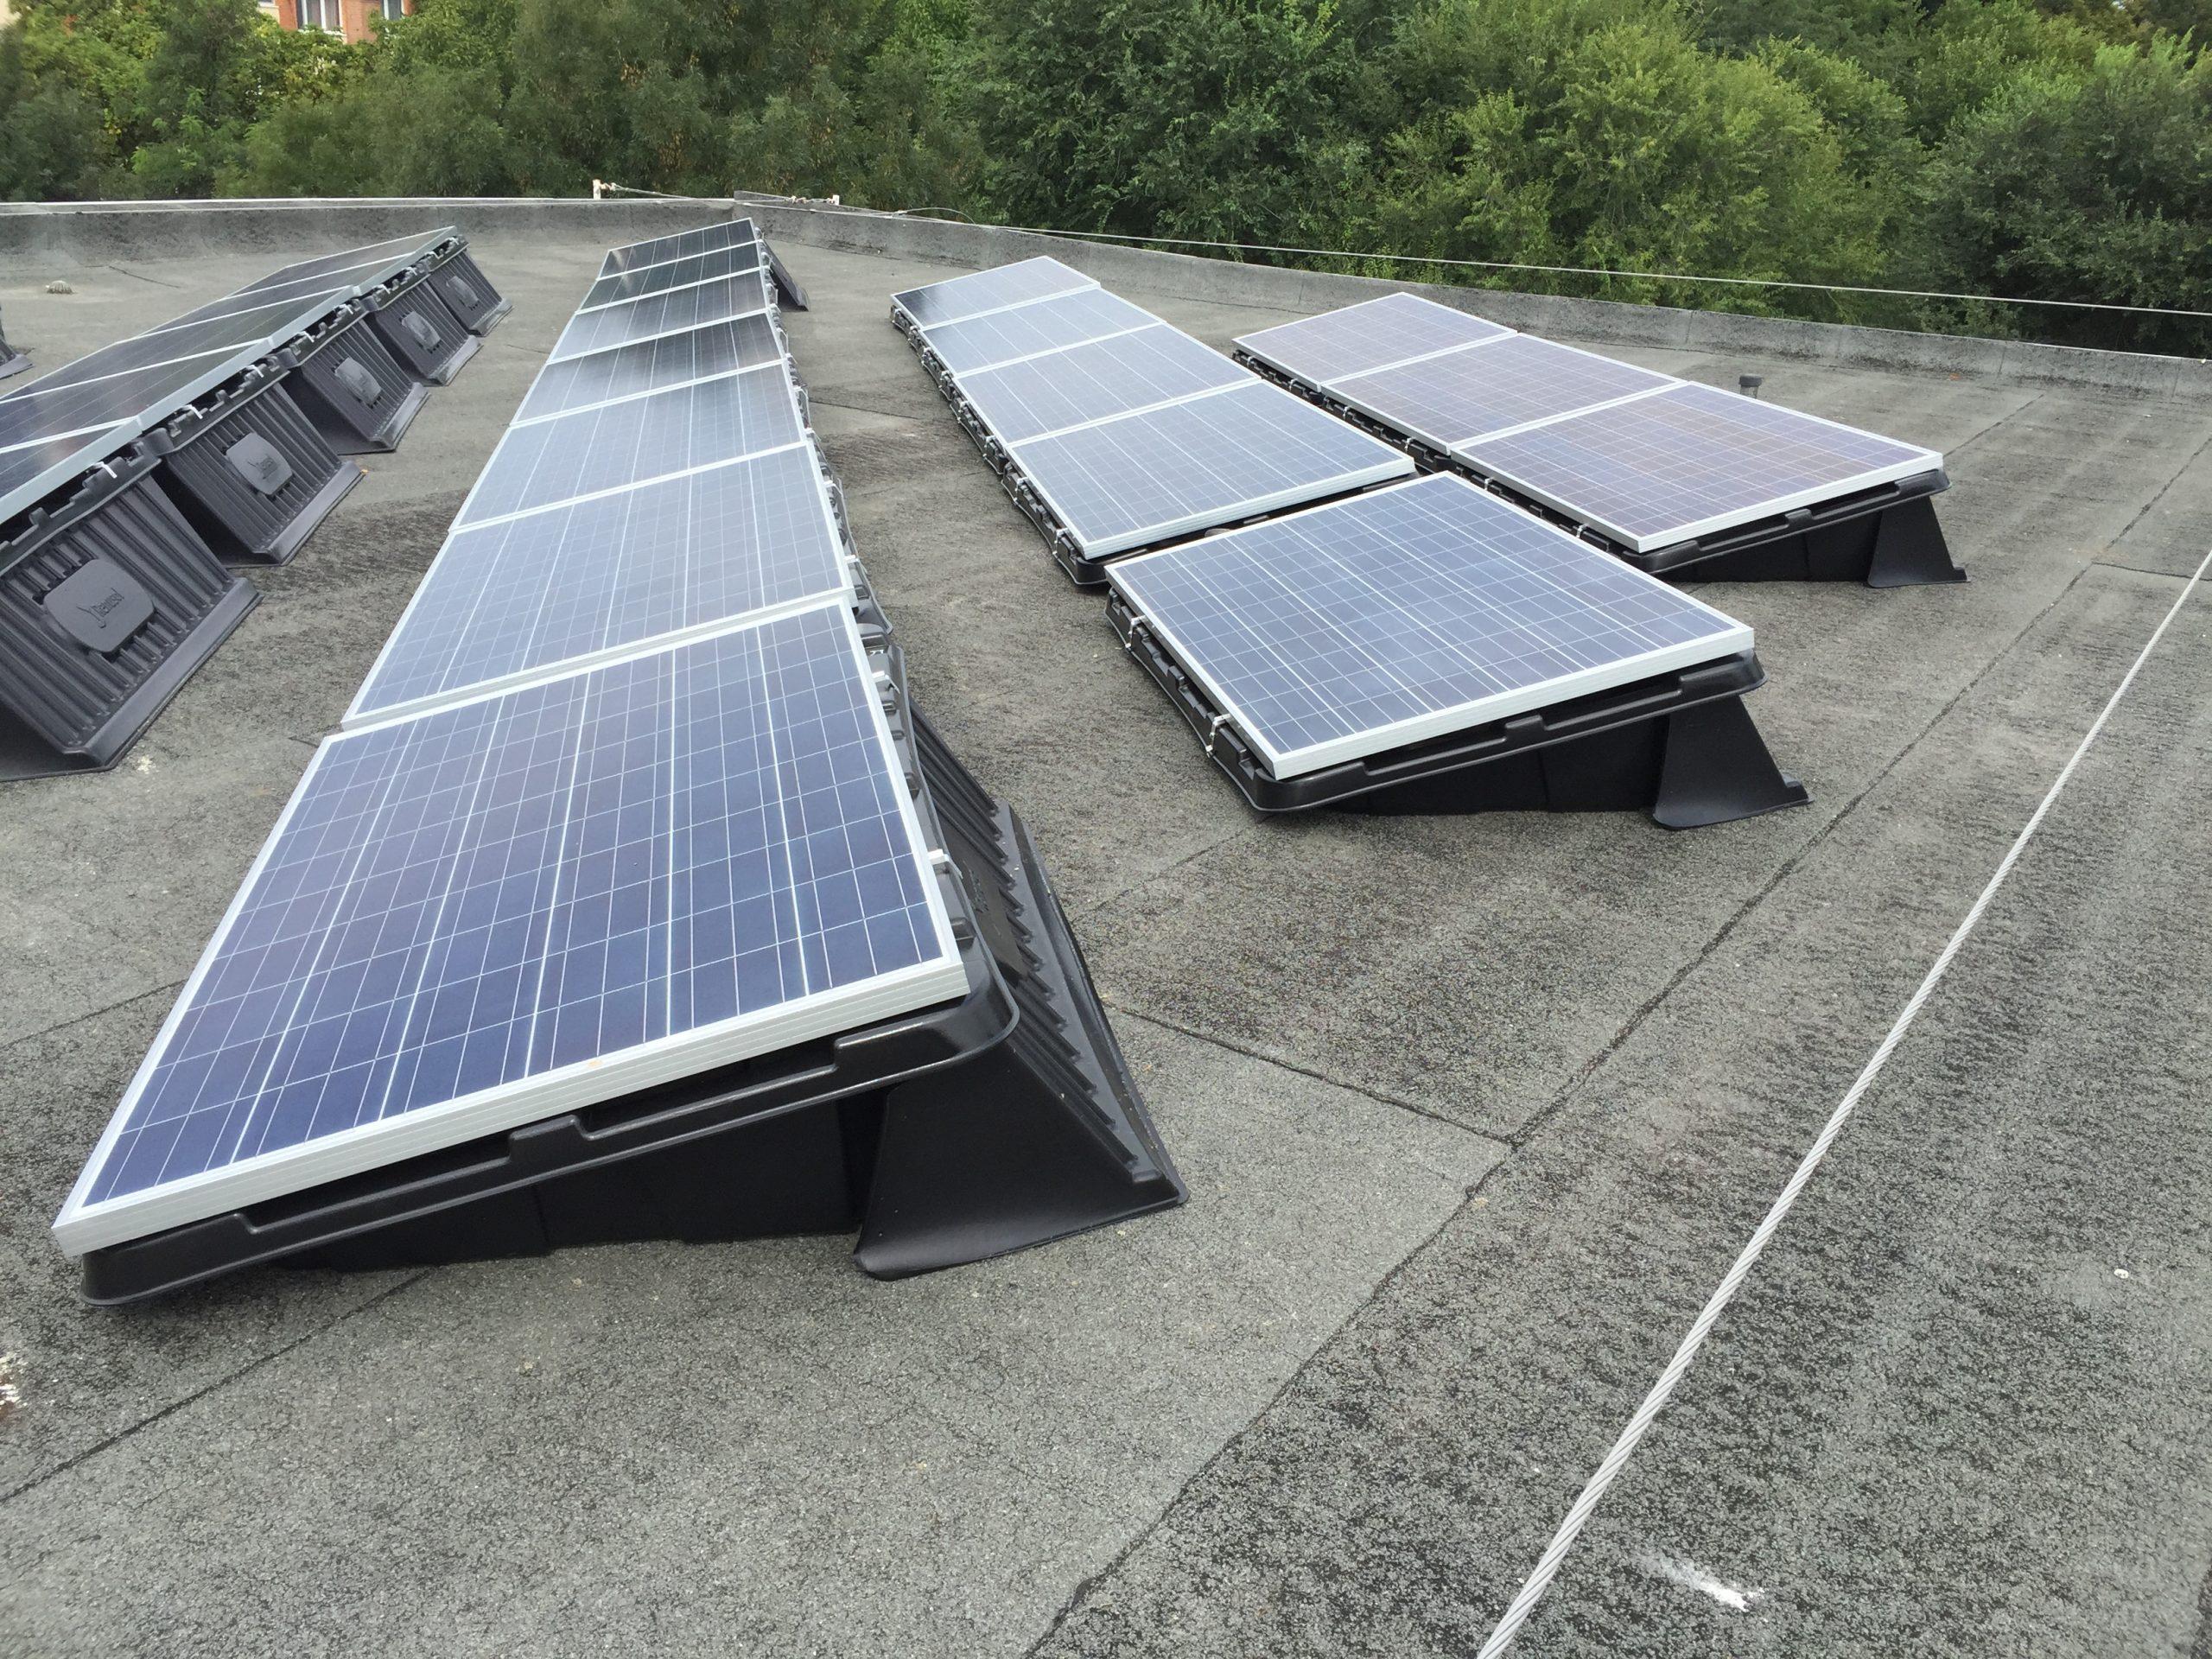 Tetőre szerelt rendszerek 1-50kW, 50-1000kW